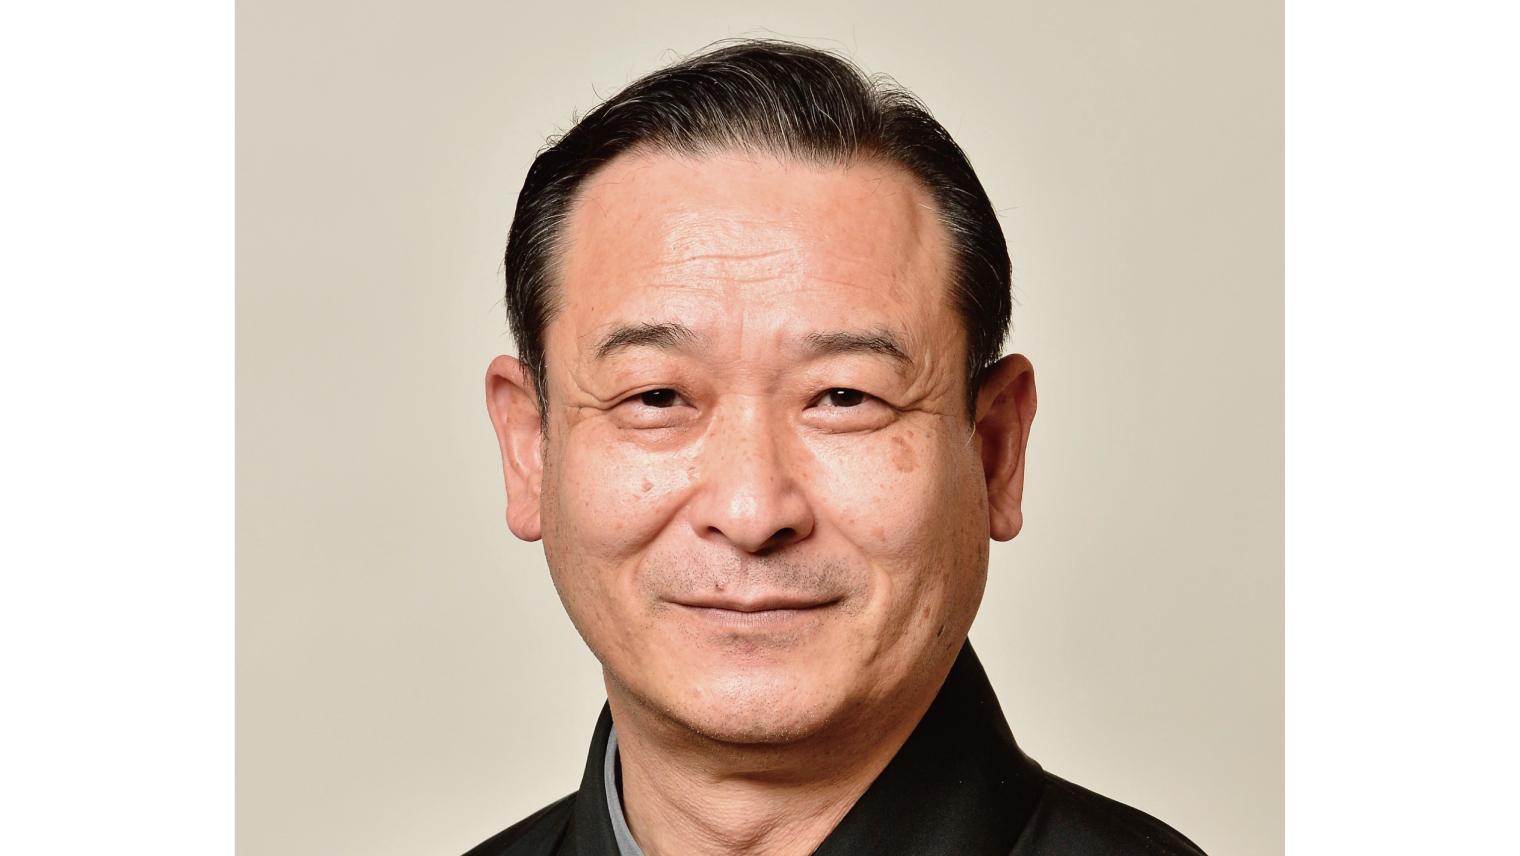 imatsumoto